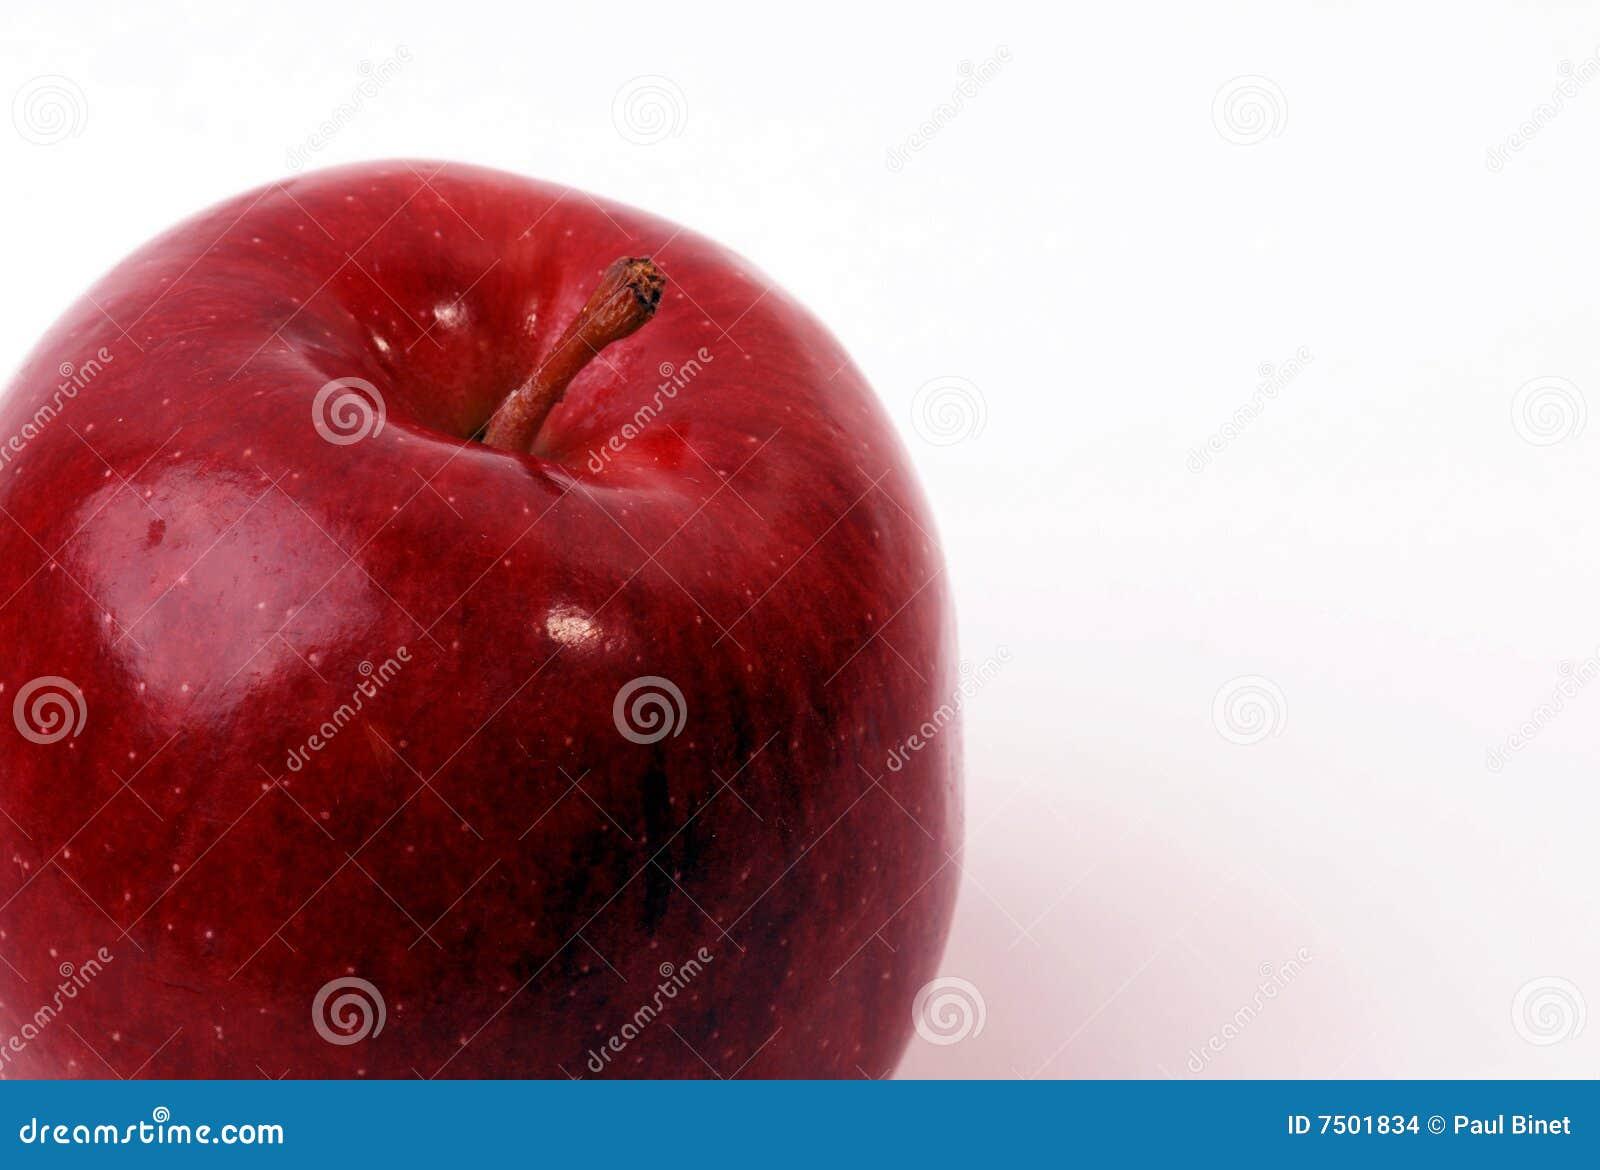 苹果背景白色